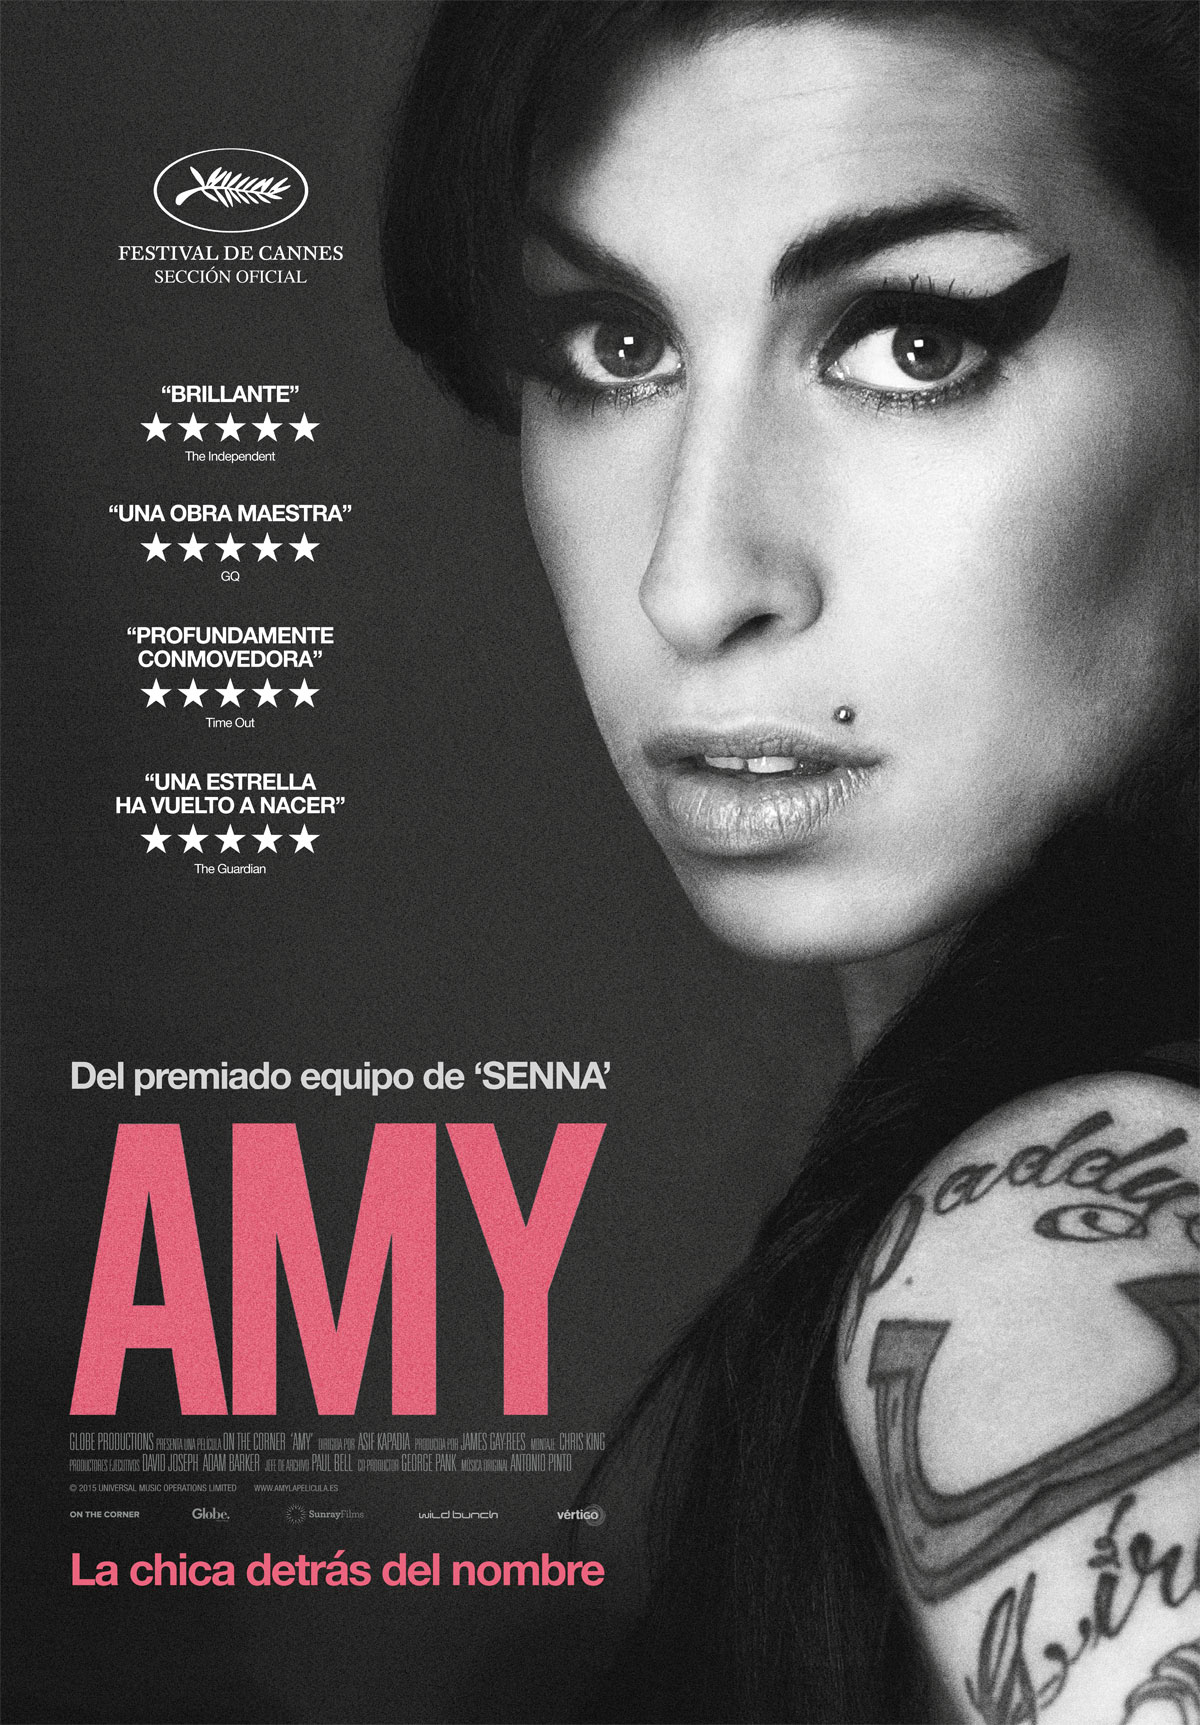 Amy (La chica detrás del nombre) - Película 2015 - SensaCine.com